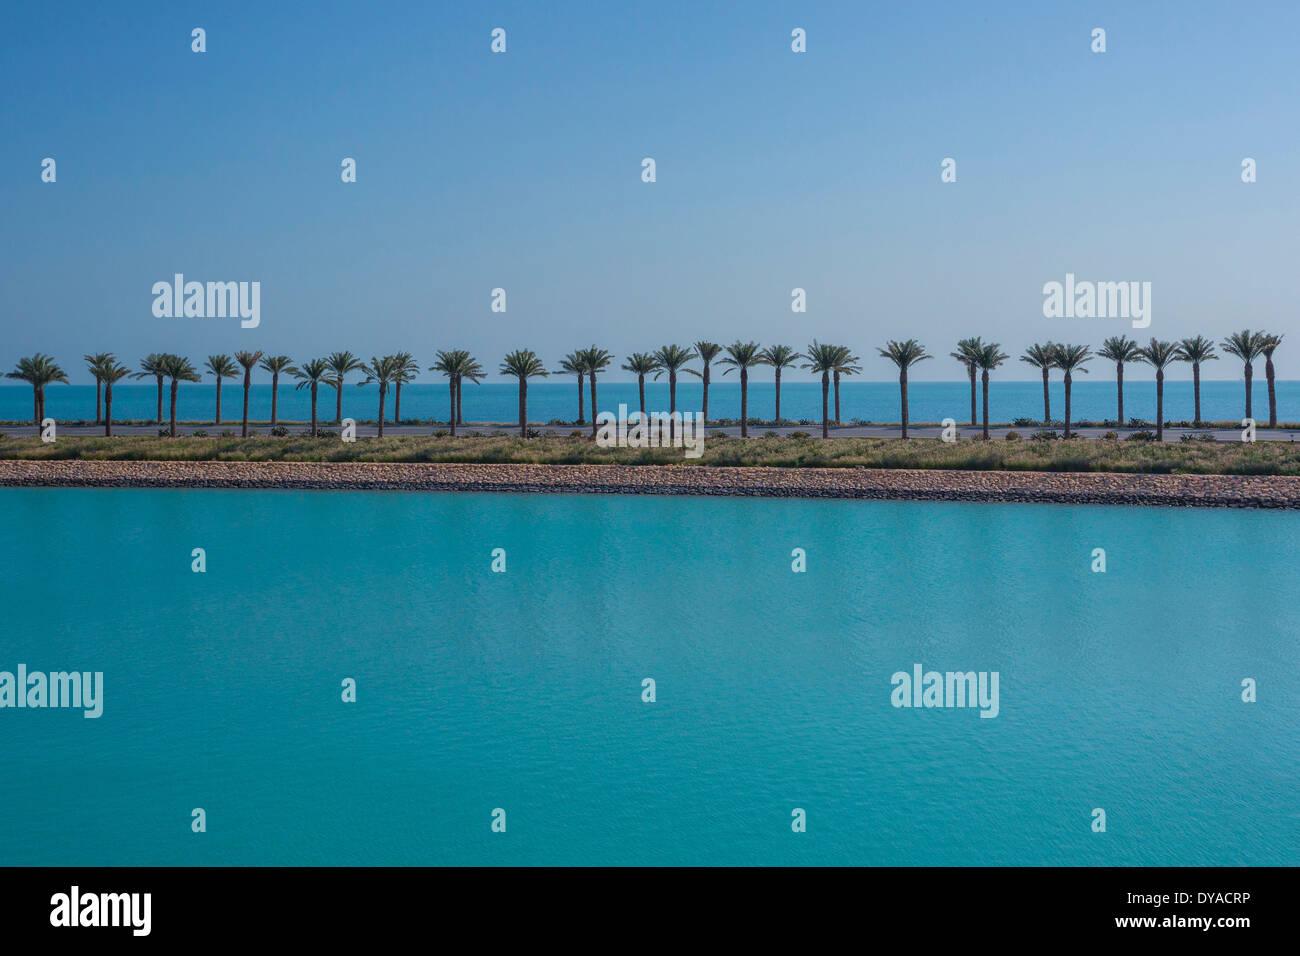 Doha, Qatar, Moyen-Orient, ville, horizon, palmiers, routier, maritime, touristique, les voyages, l'autoroute Photo Stock